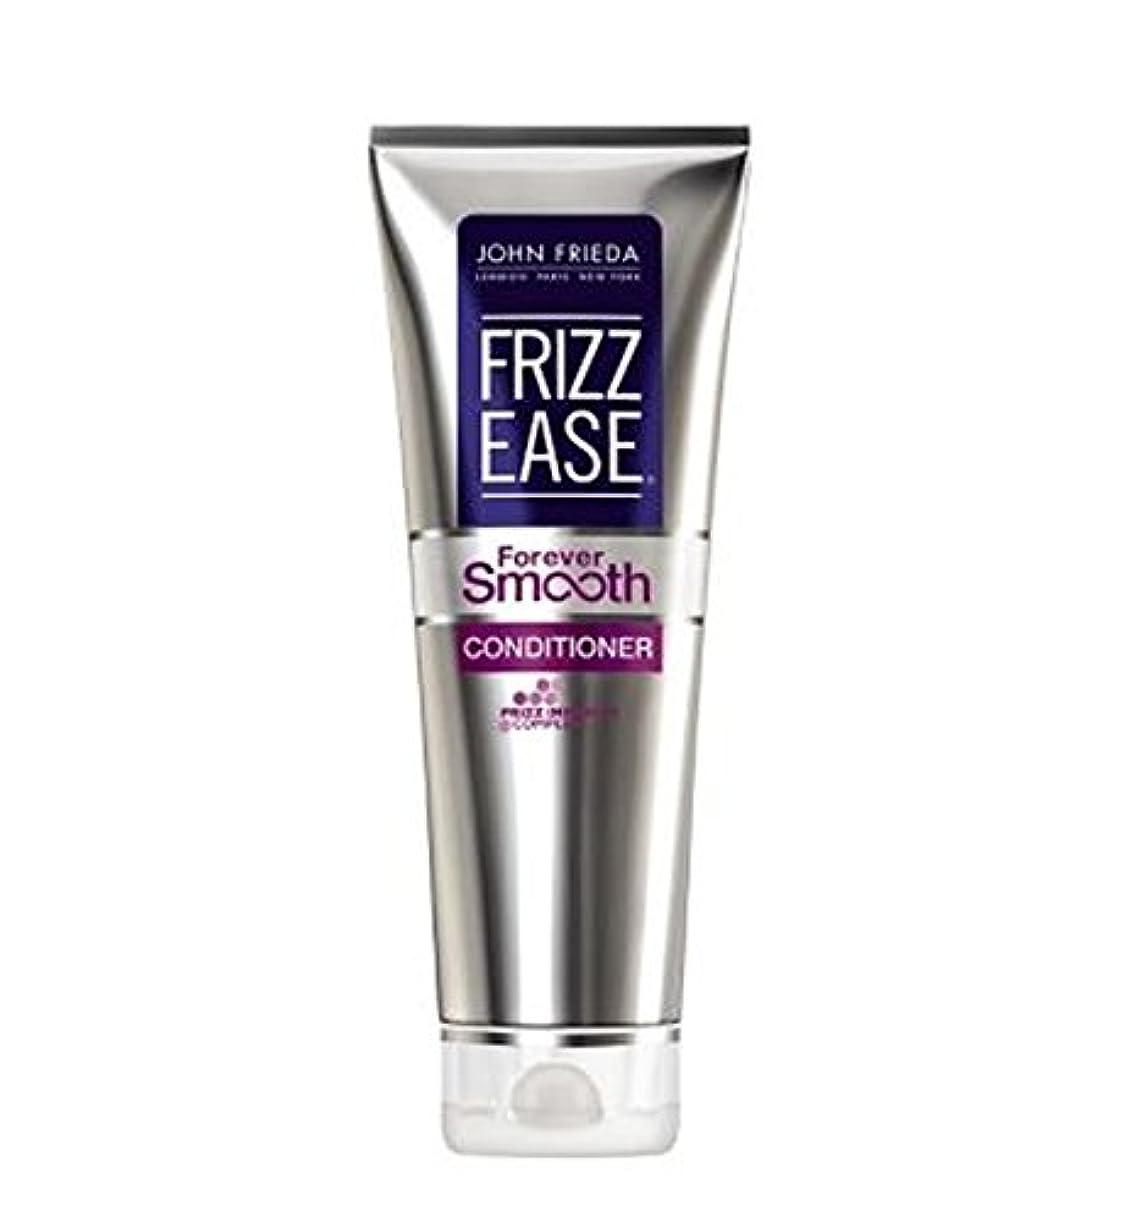 良性試みる毛皮John Frieda Frizz-Ease Forever Smooth Conditioner 250ml - ジョン?フリーダ縮れ-容易永遠に滑らかなコンディショナー250Ml (John Frieda) [並行輸入品]